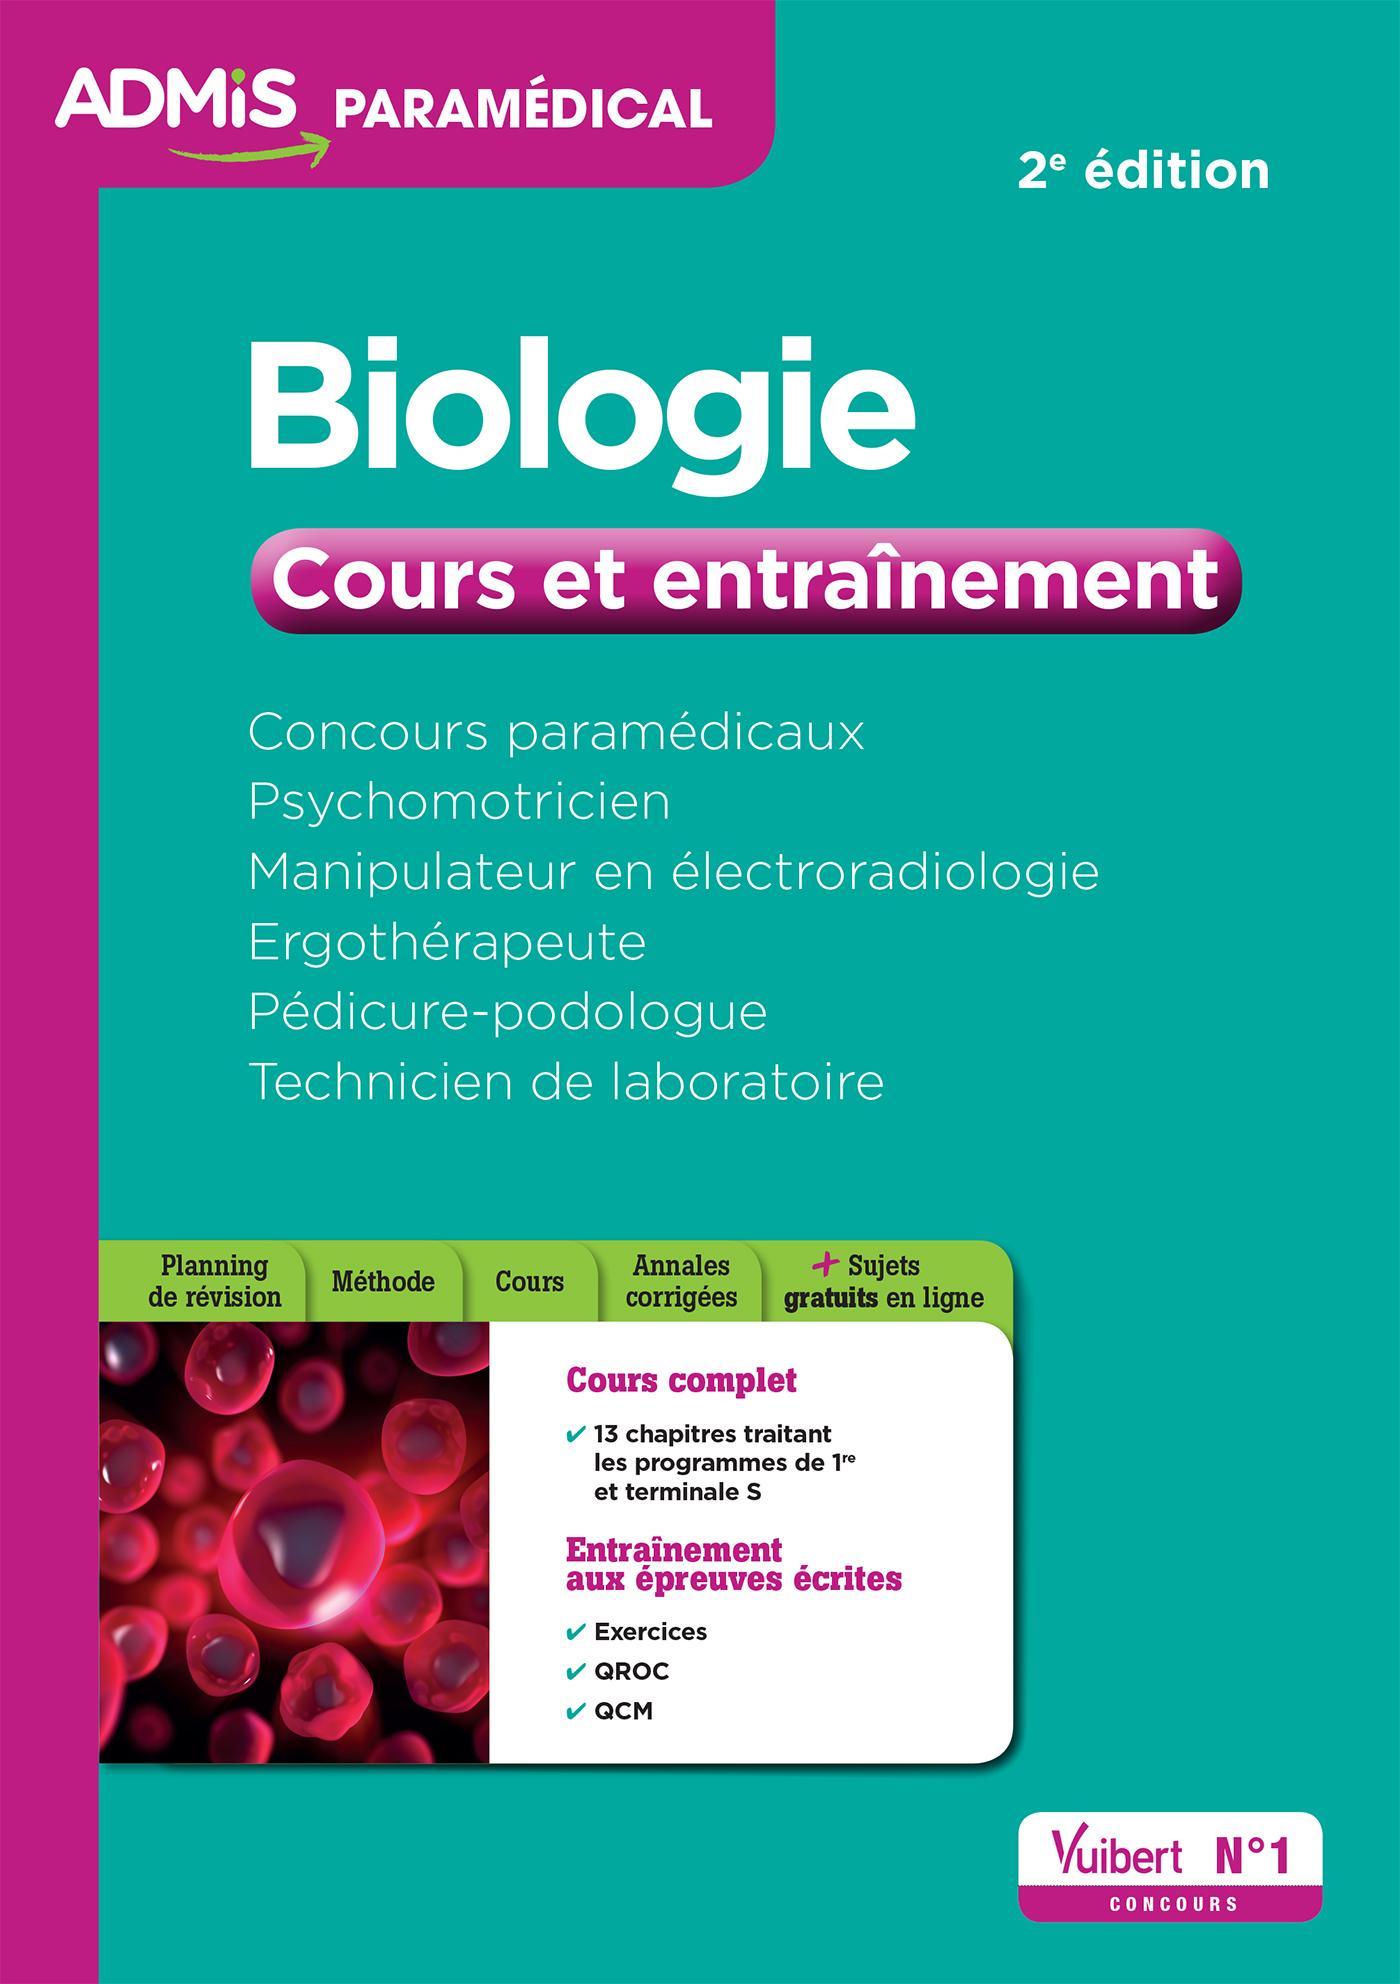 CONCOURS PARAMEDICAUX BIOLOGIE COURS ET ENTRAINEMENT 2E EDT